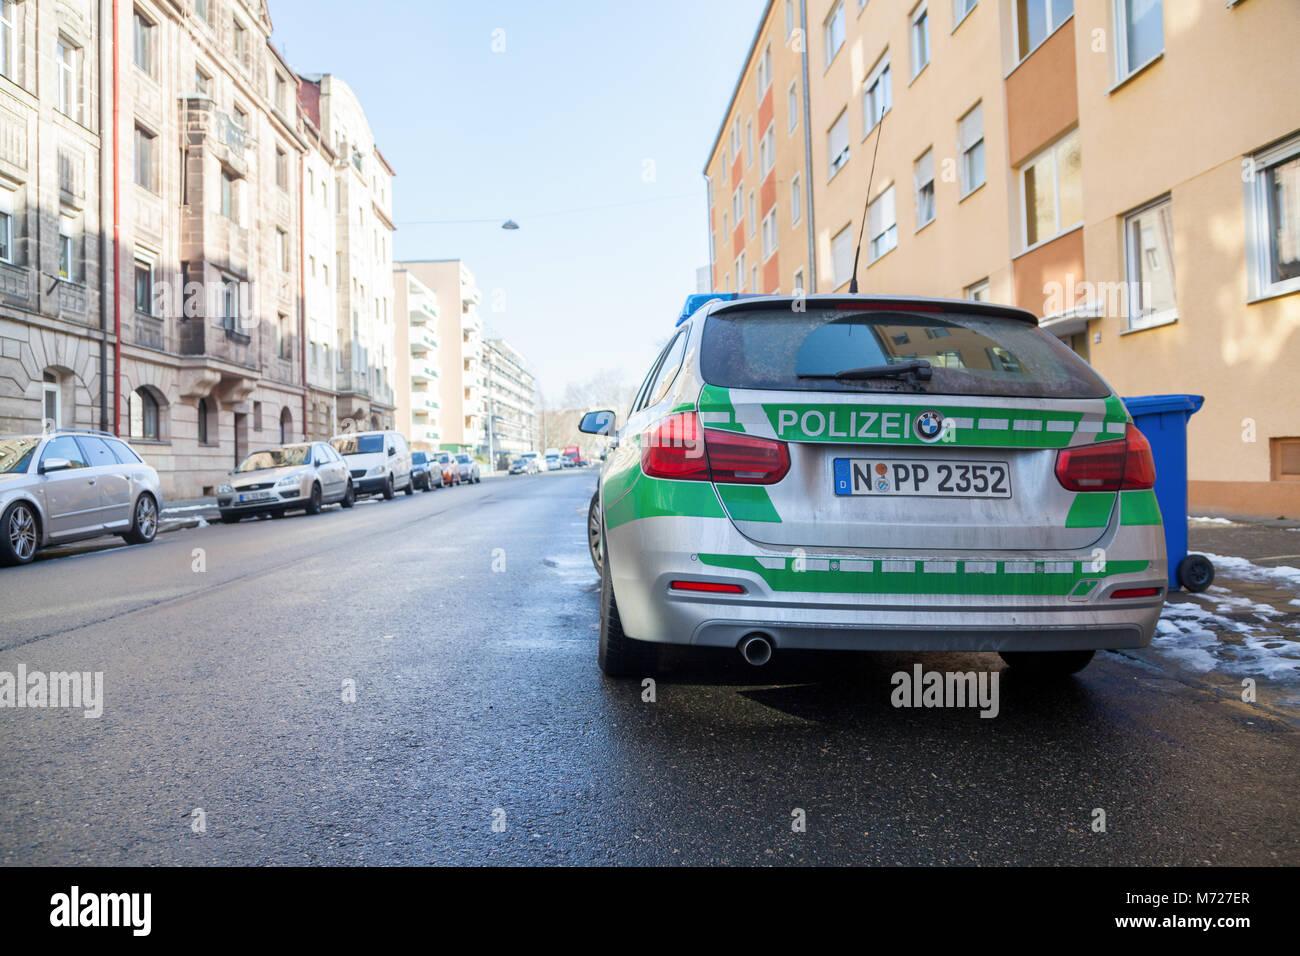 Fürth/Deutschland - März 4, 2018: Deutsche Bayerische Polizei Auto steht auf der Straße in einem Stockbild